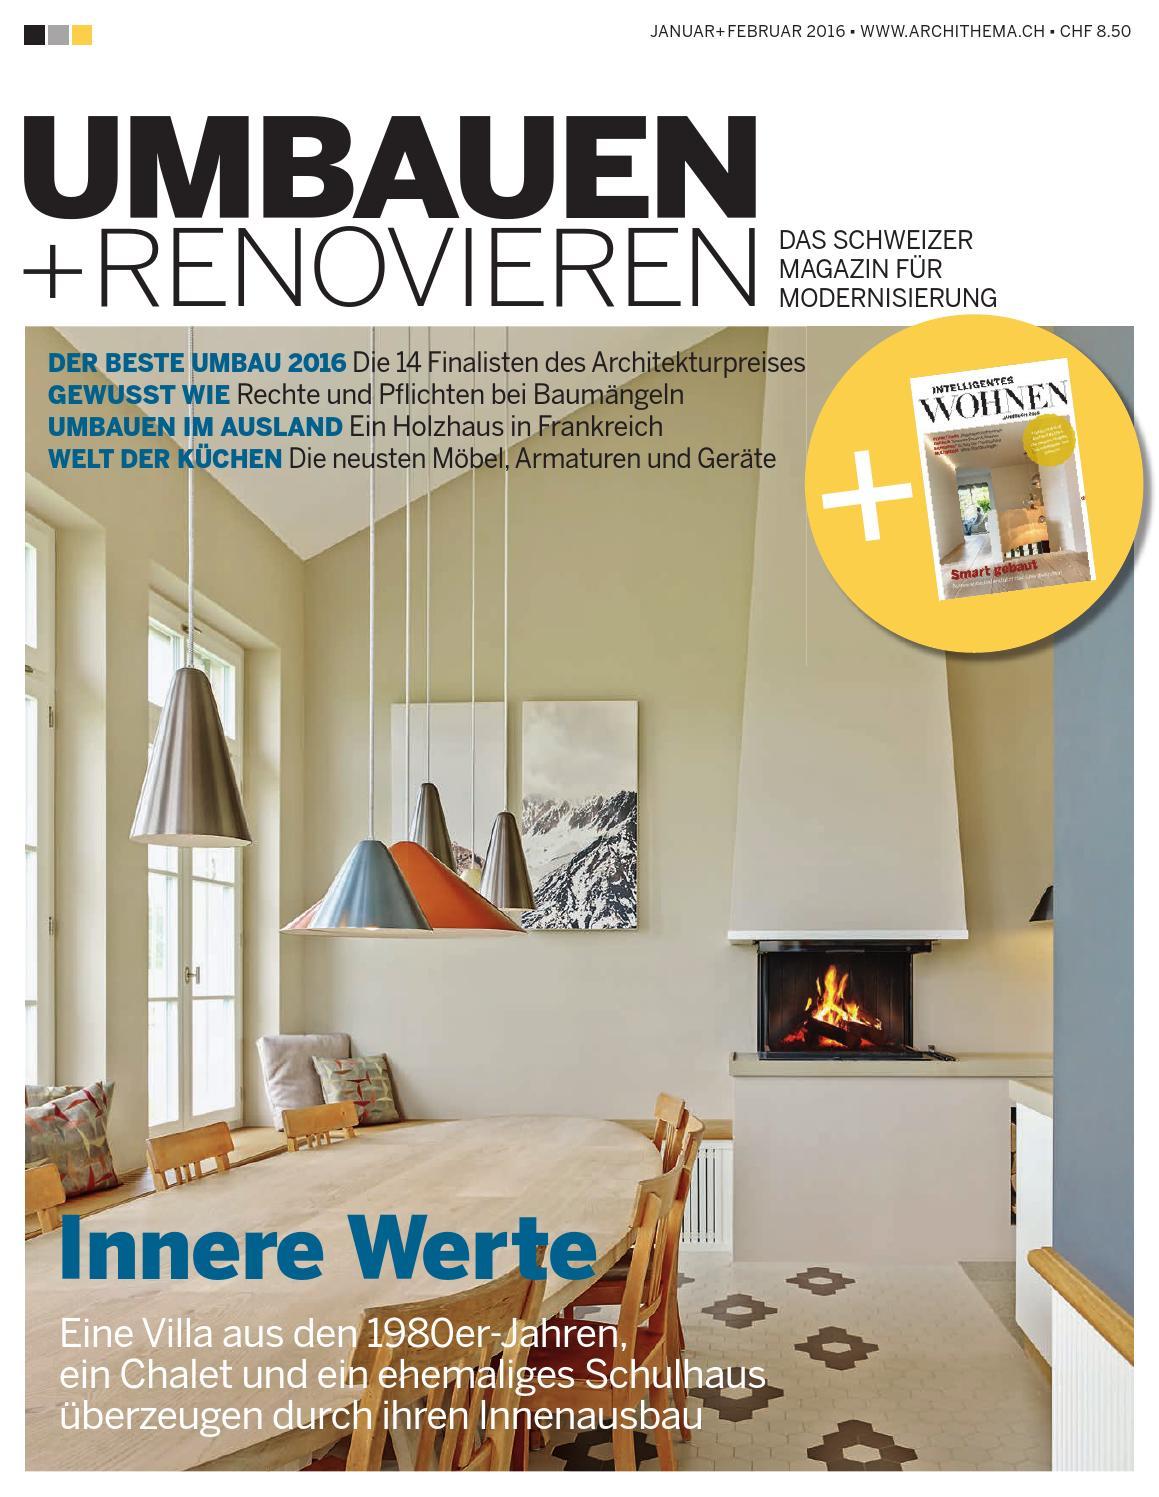 Umbauen Renovieren umbauen renovieren 01 2016 by archithema verlag issuu